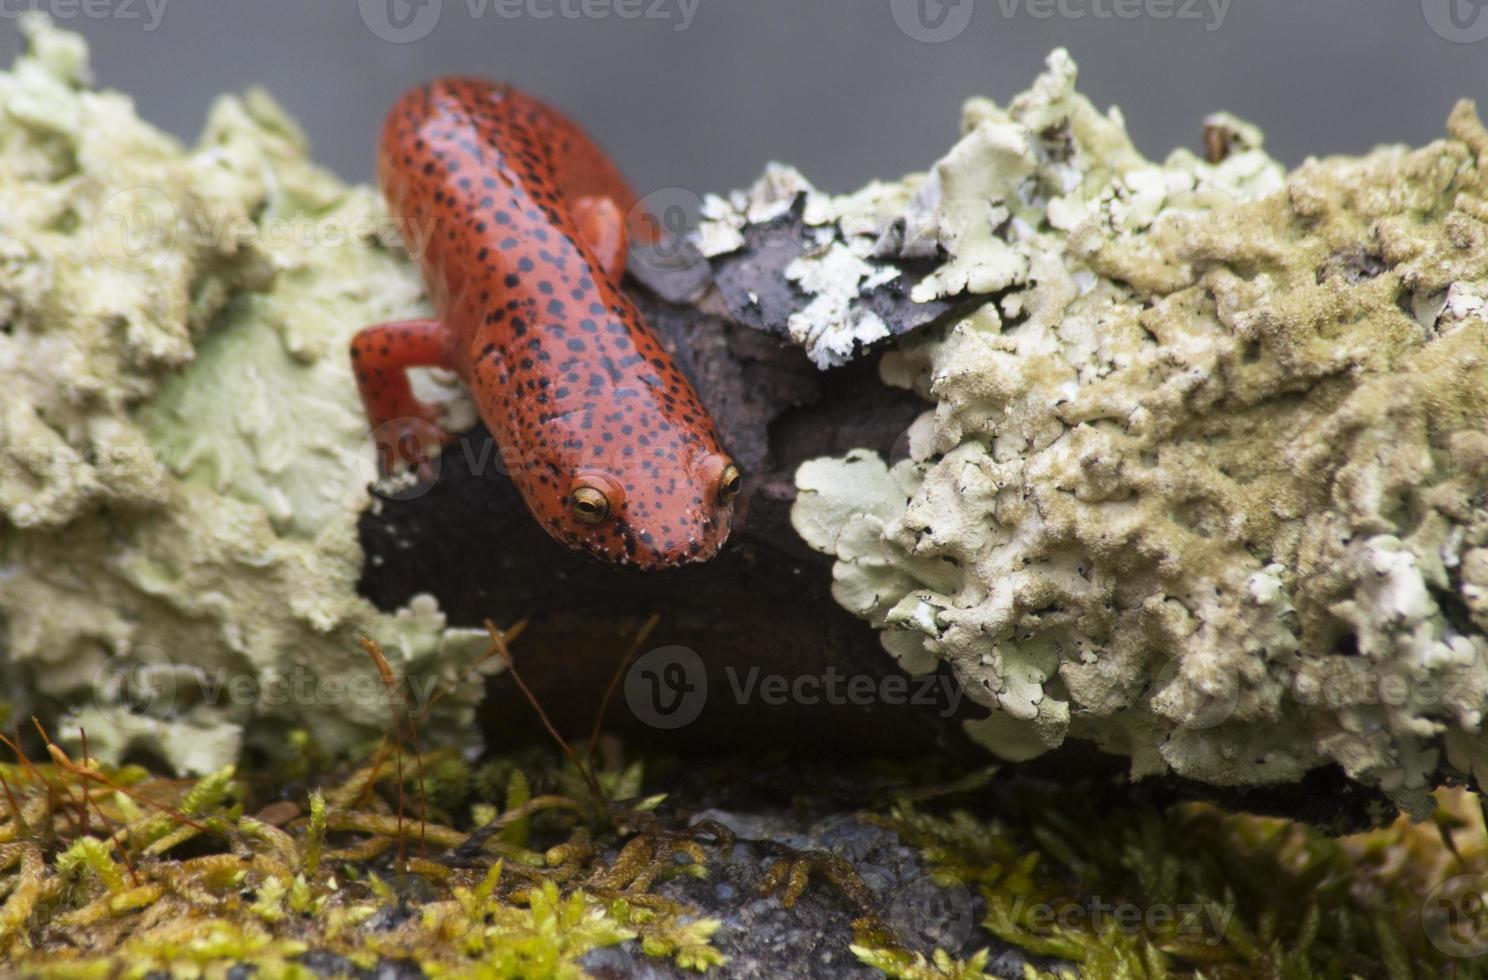 salamander met zwarte lippen kruipt tussen mosvlekken. foto